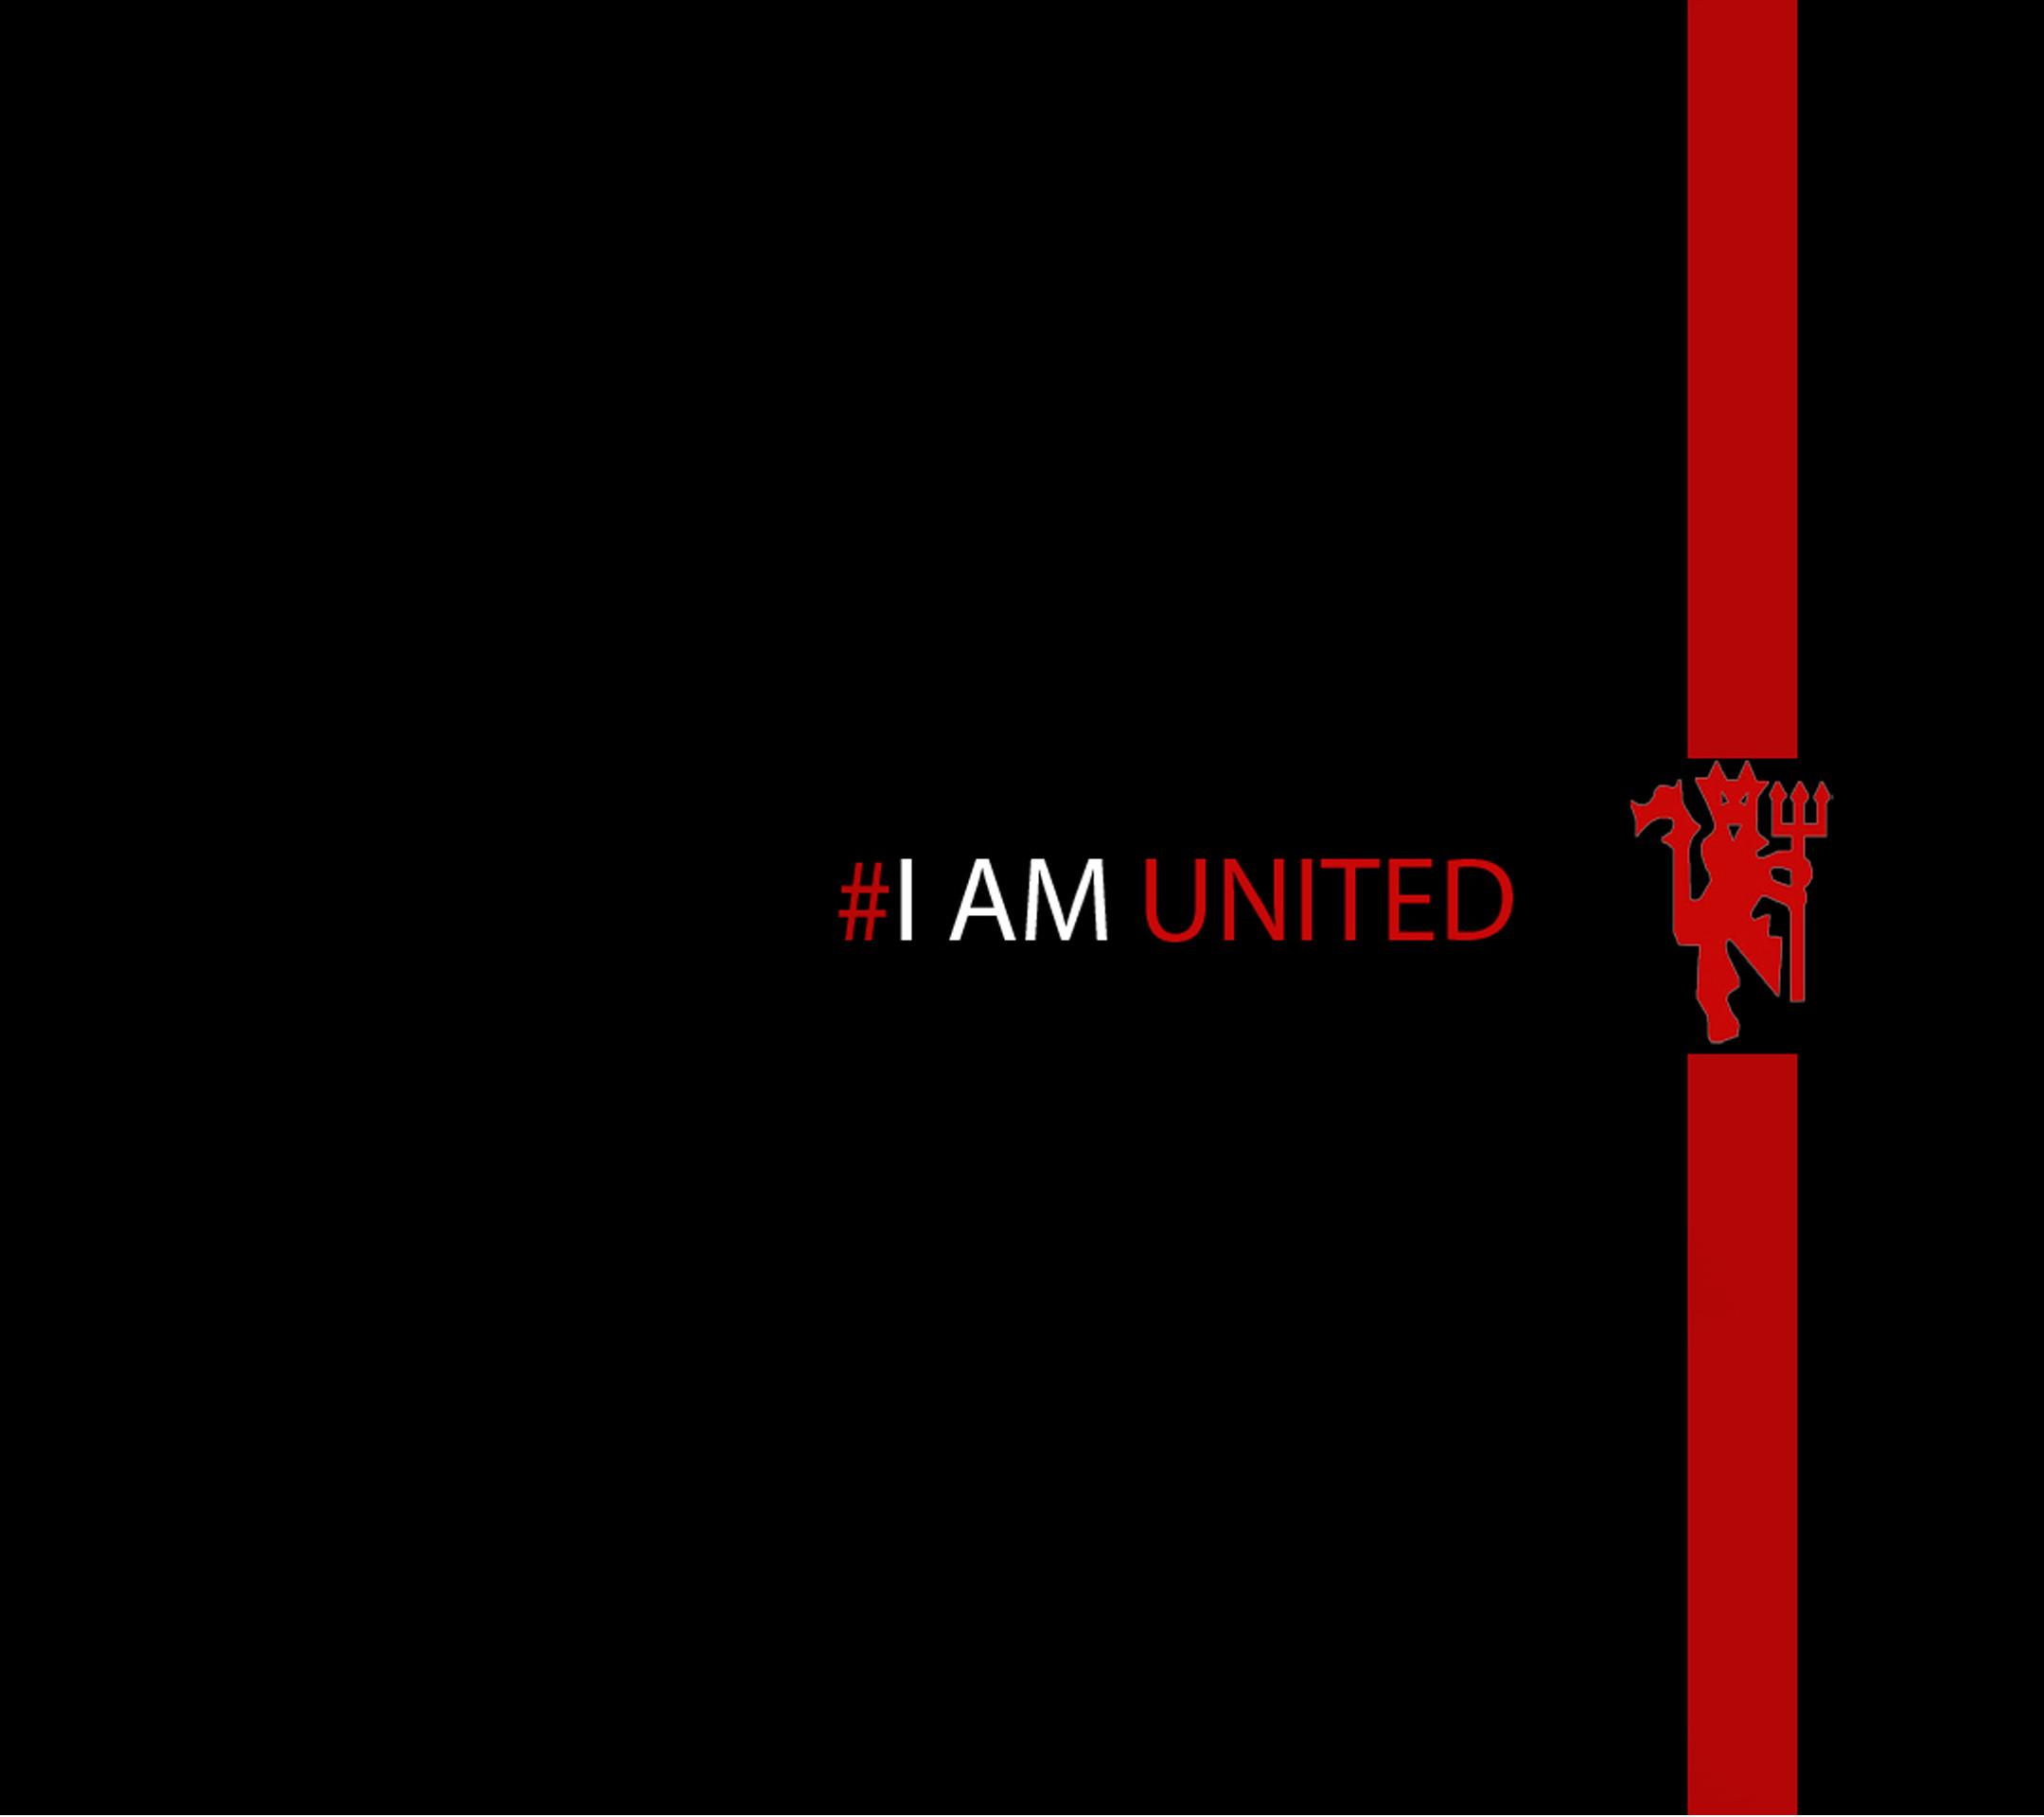 Tattoo Man Man United Manchester United Iphone Wallpapers Manchester United Wallpaper Black 2160x1920 Wallpaper Teahub Io